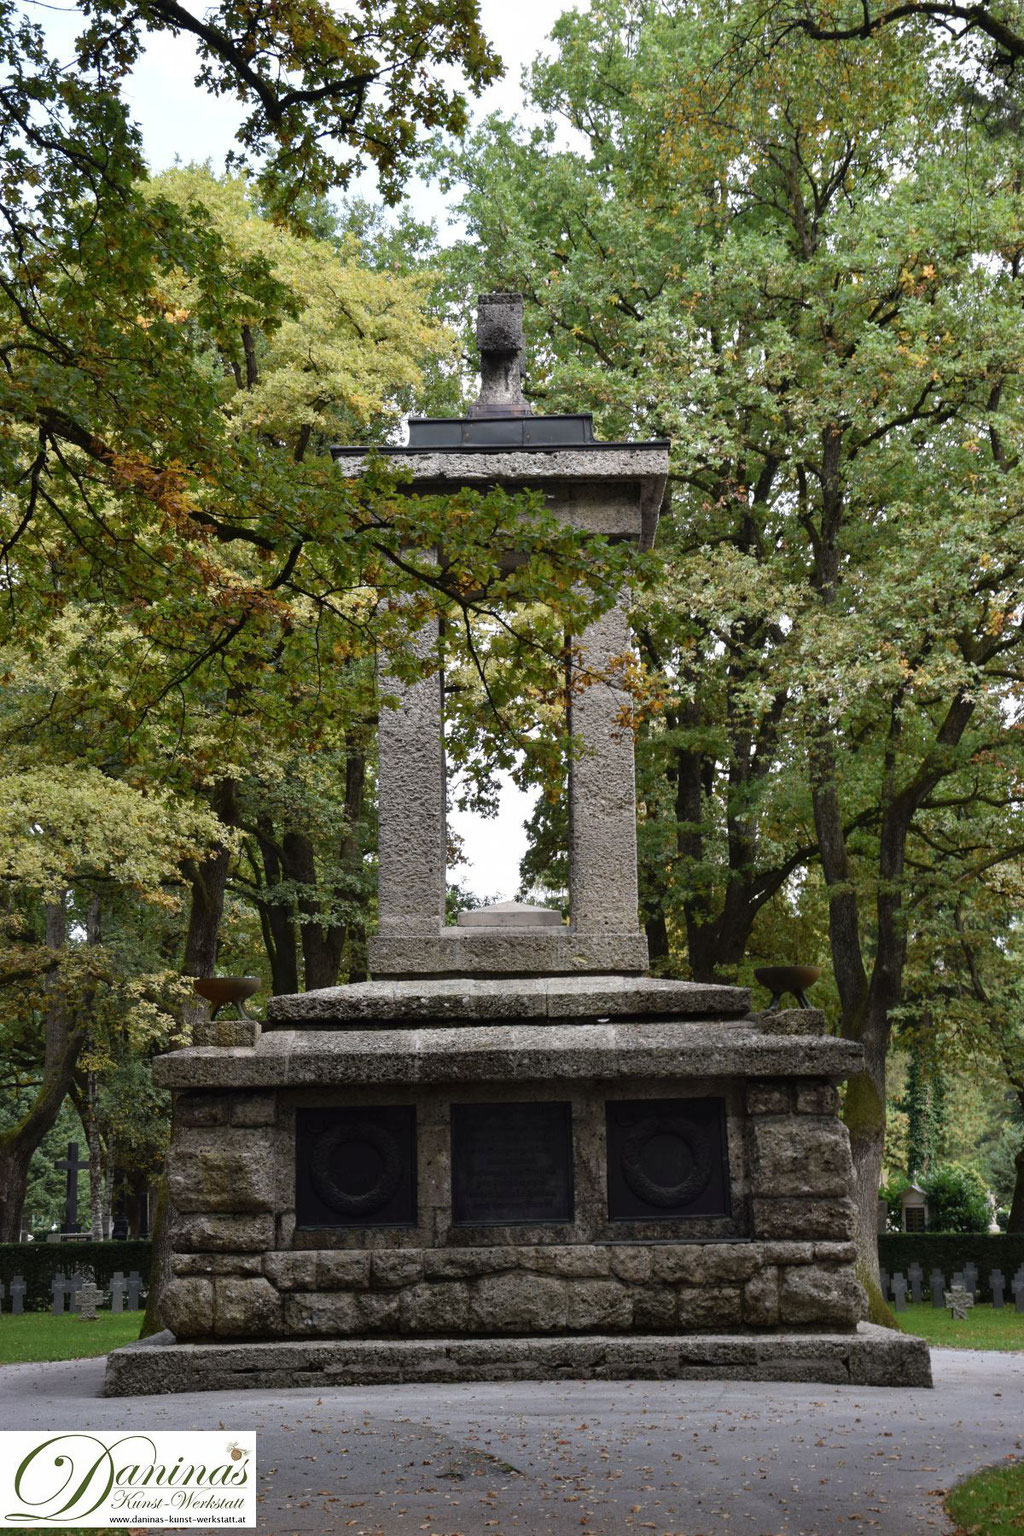 Von kulturhistorischer Bedeutung: Das große Heldendenkmal am Salzburger Kommunalfriedhof.